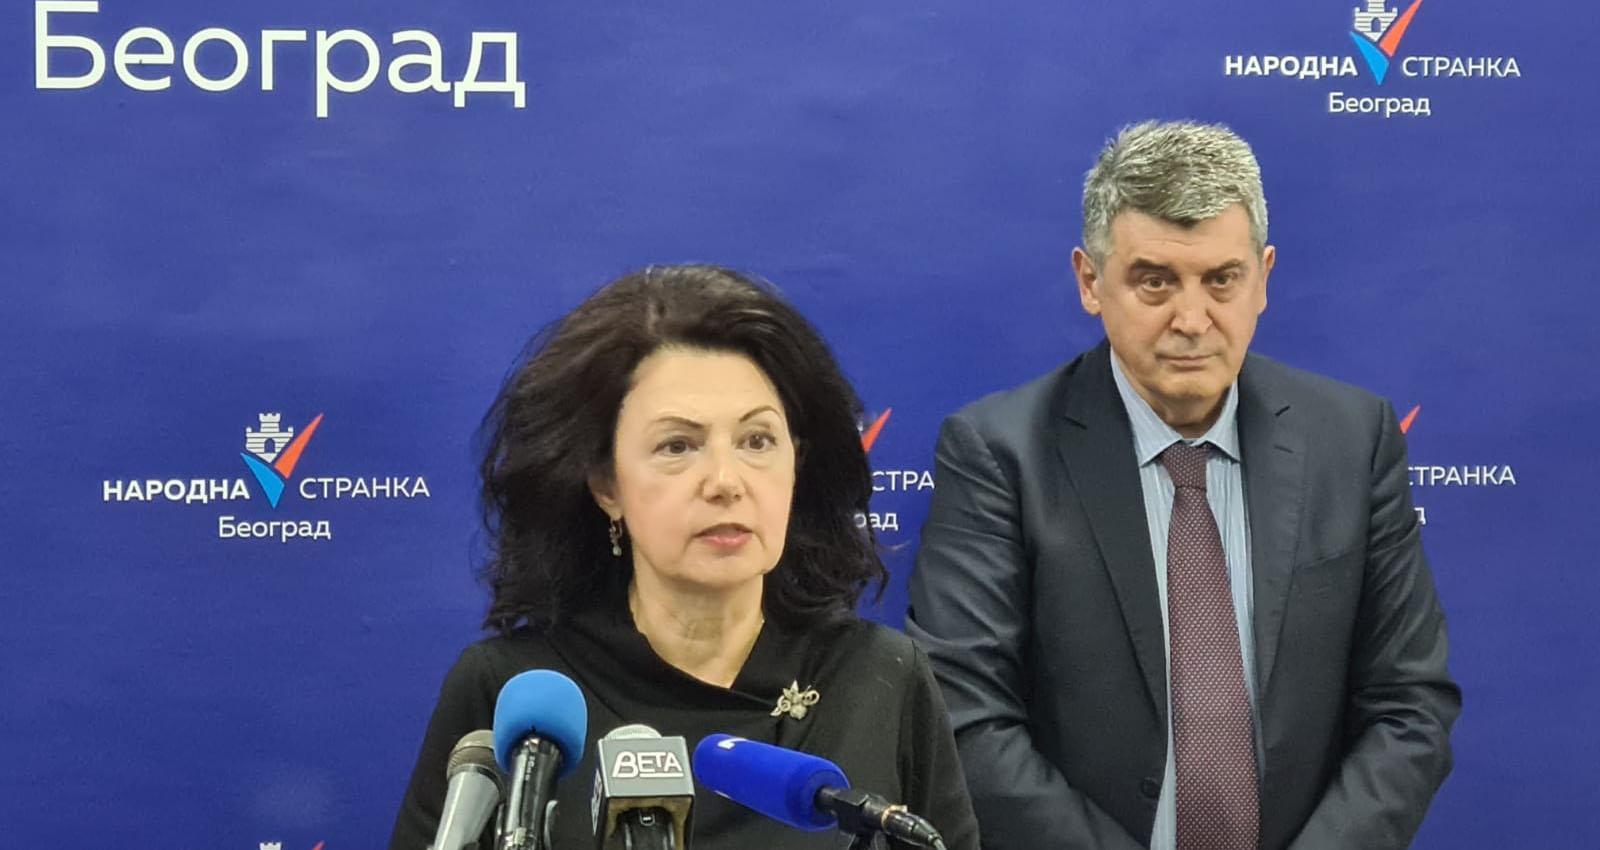 Санда Рашковић Ивић: Вратићемо пензије које је Вучић опљачкао без калауза и чарапе на глави